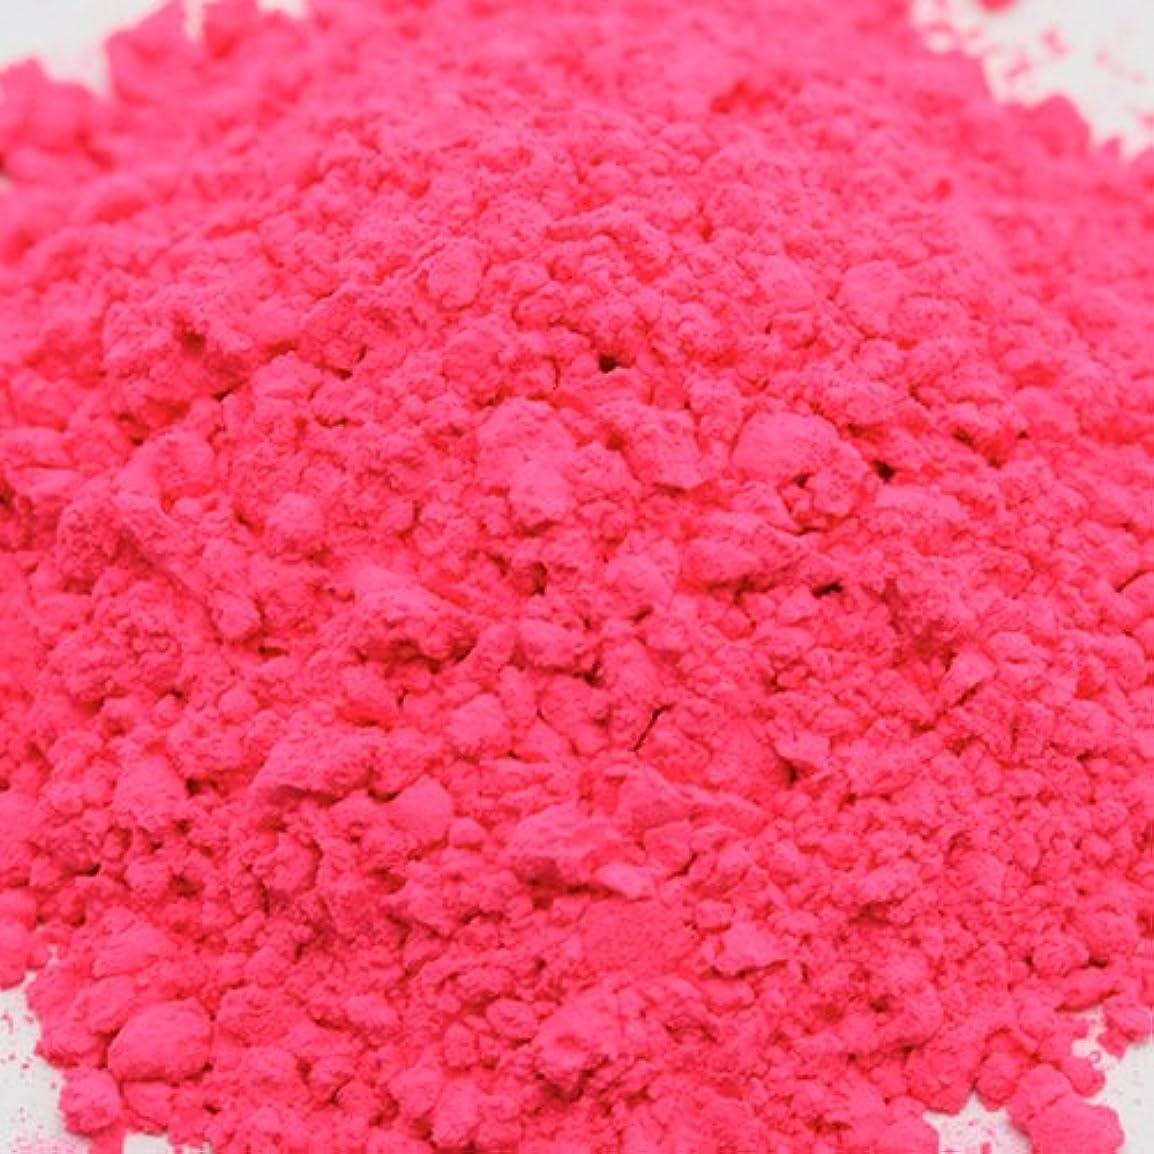 アート州絶壁キャンディカラー ライトピンク 20g 【手作り石鹸/手作りコスメ/色付け/カラーラント】